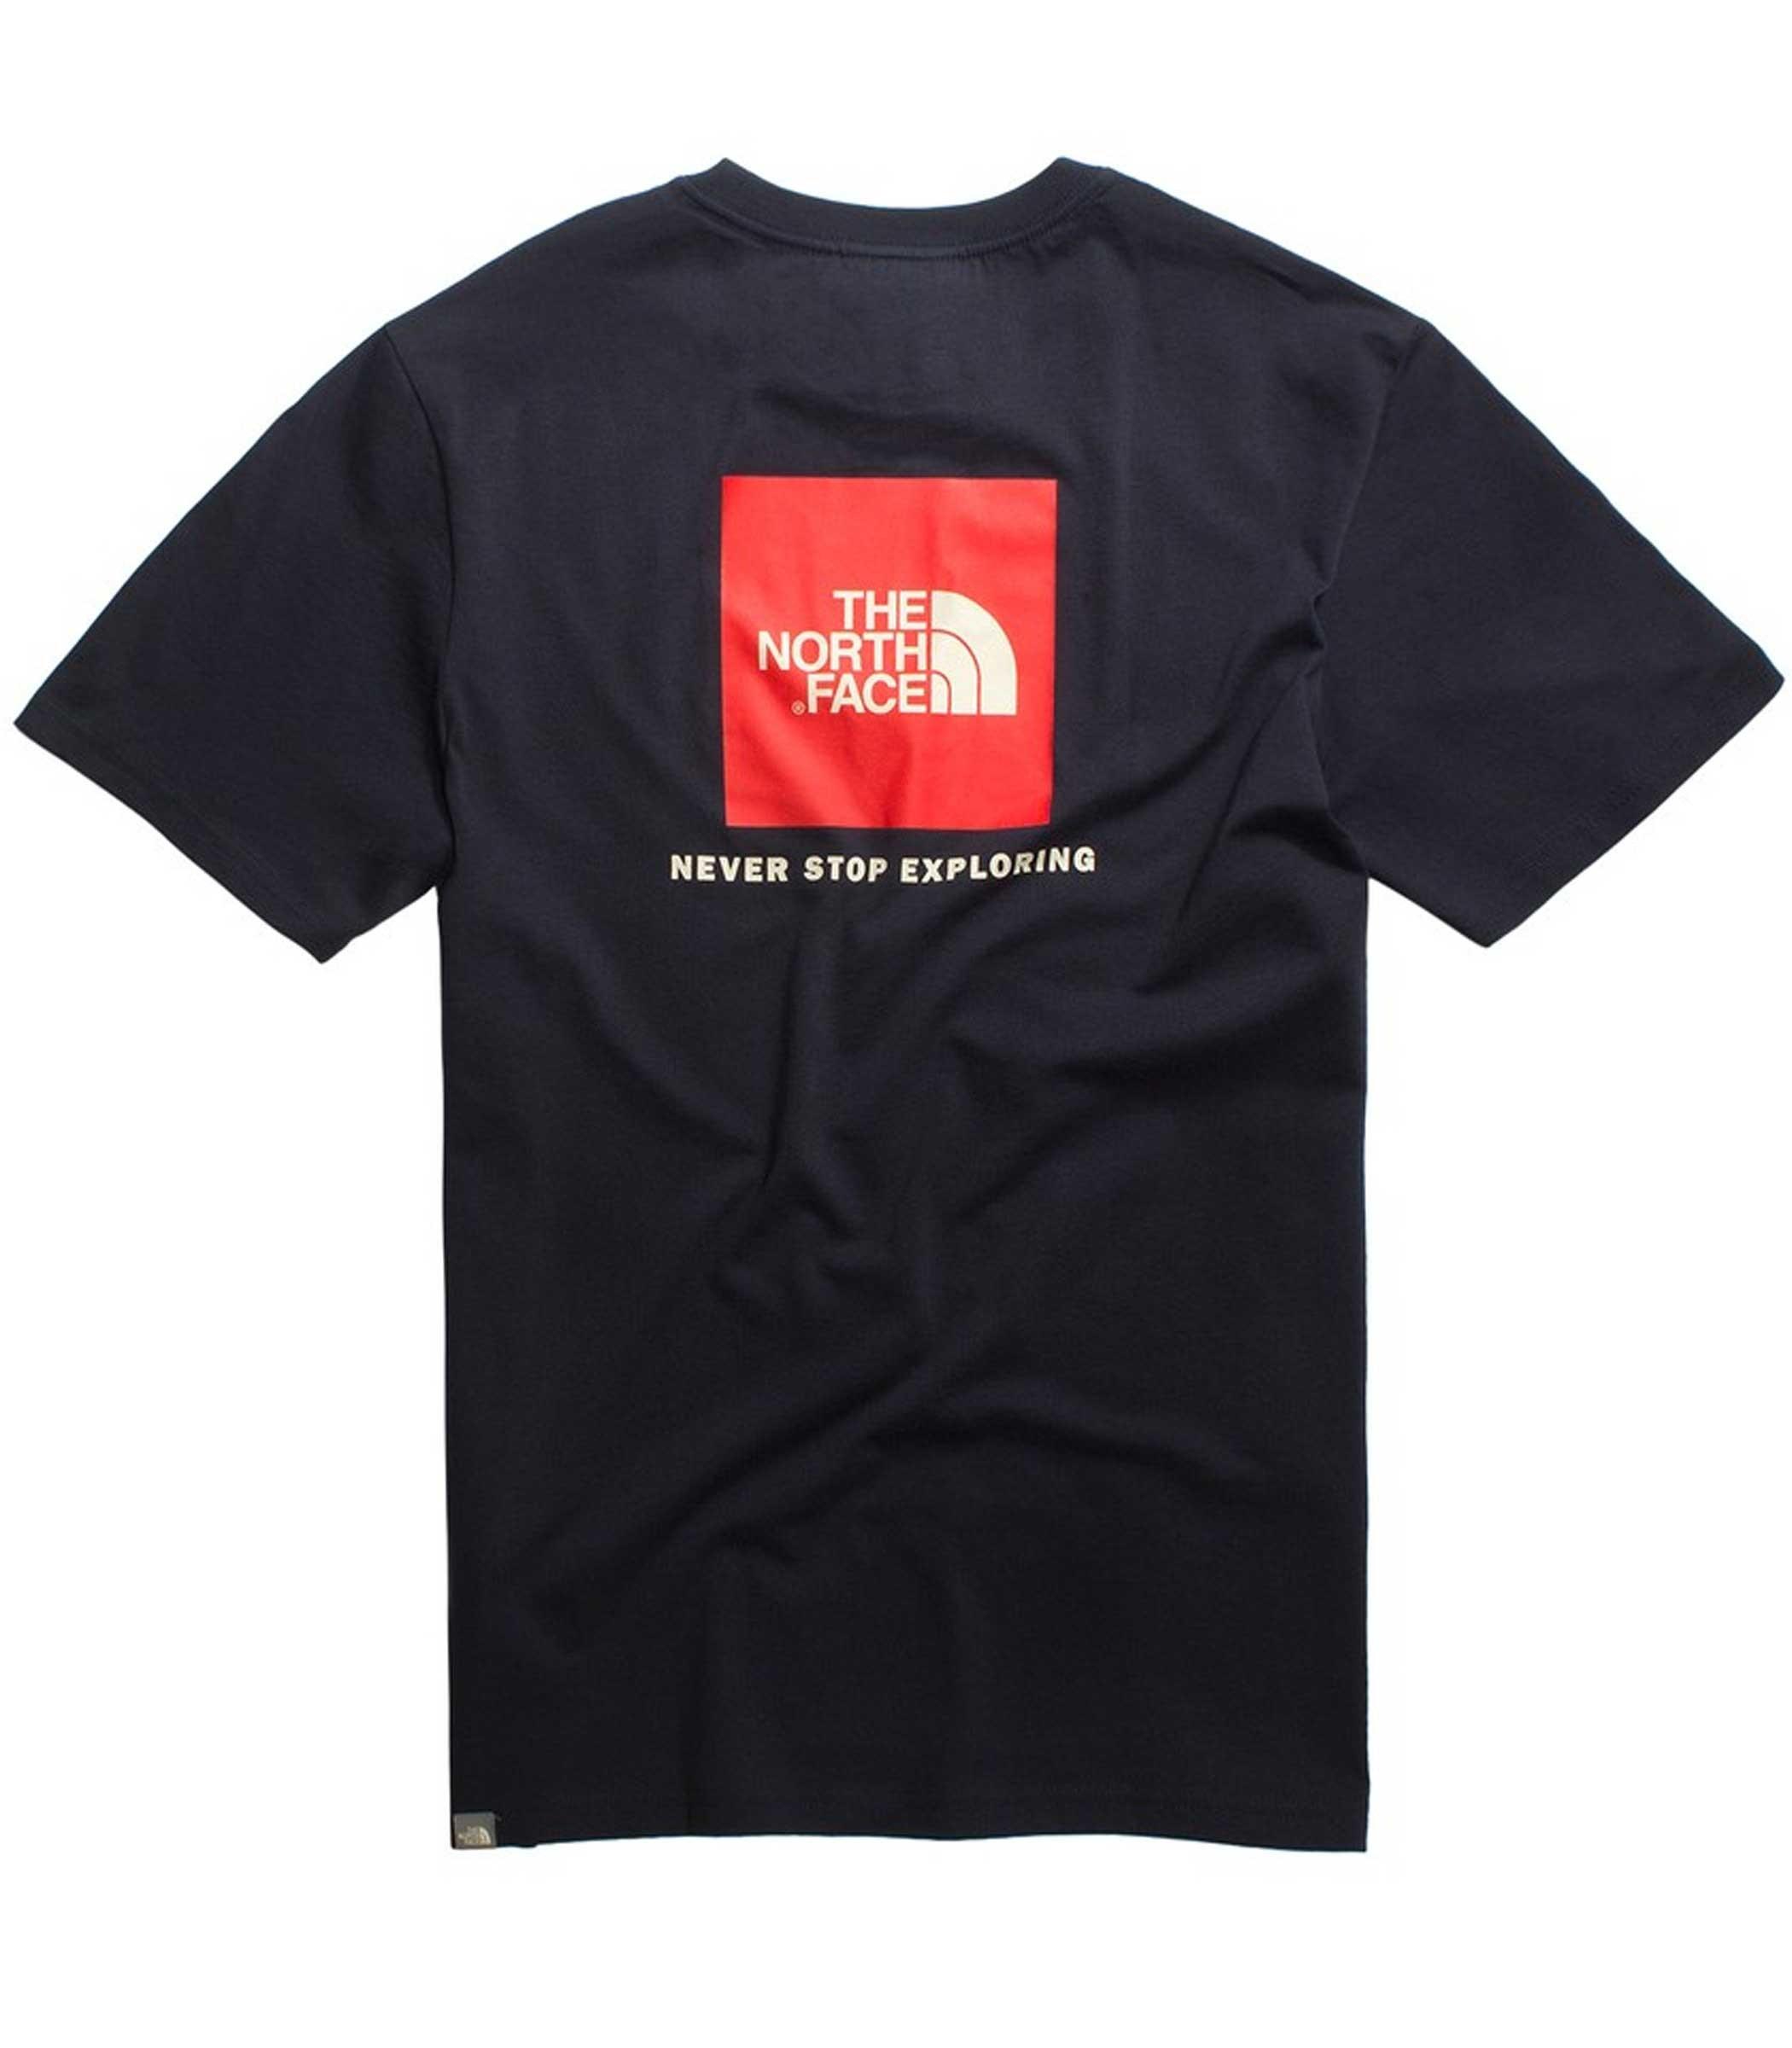 check out d9c0e 4a738 T-shirt THE NORTH FACE con stampa sul retro da uomo blu rif ...